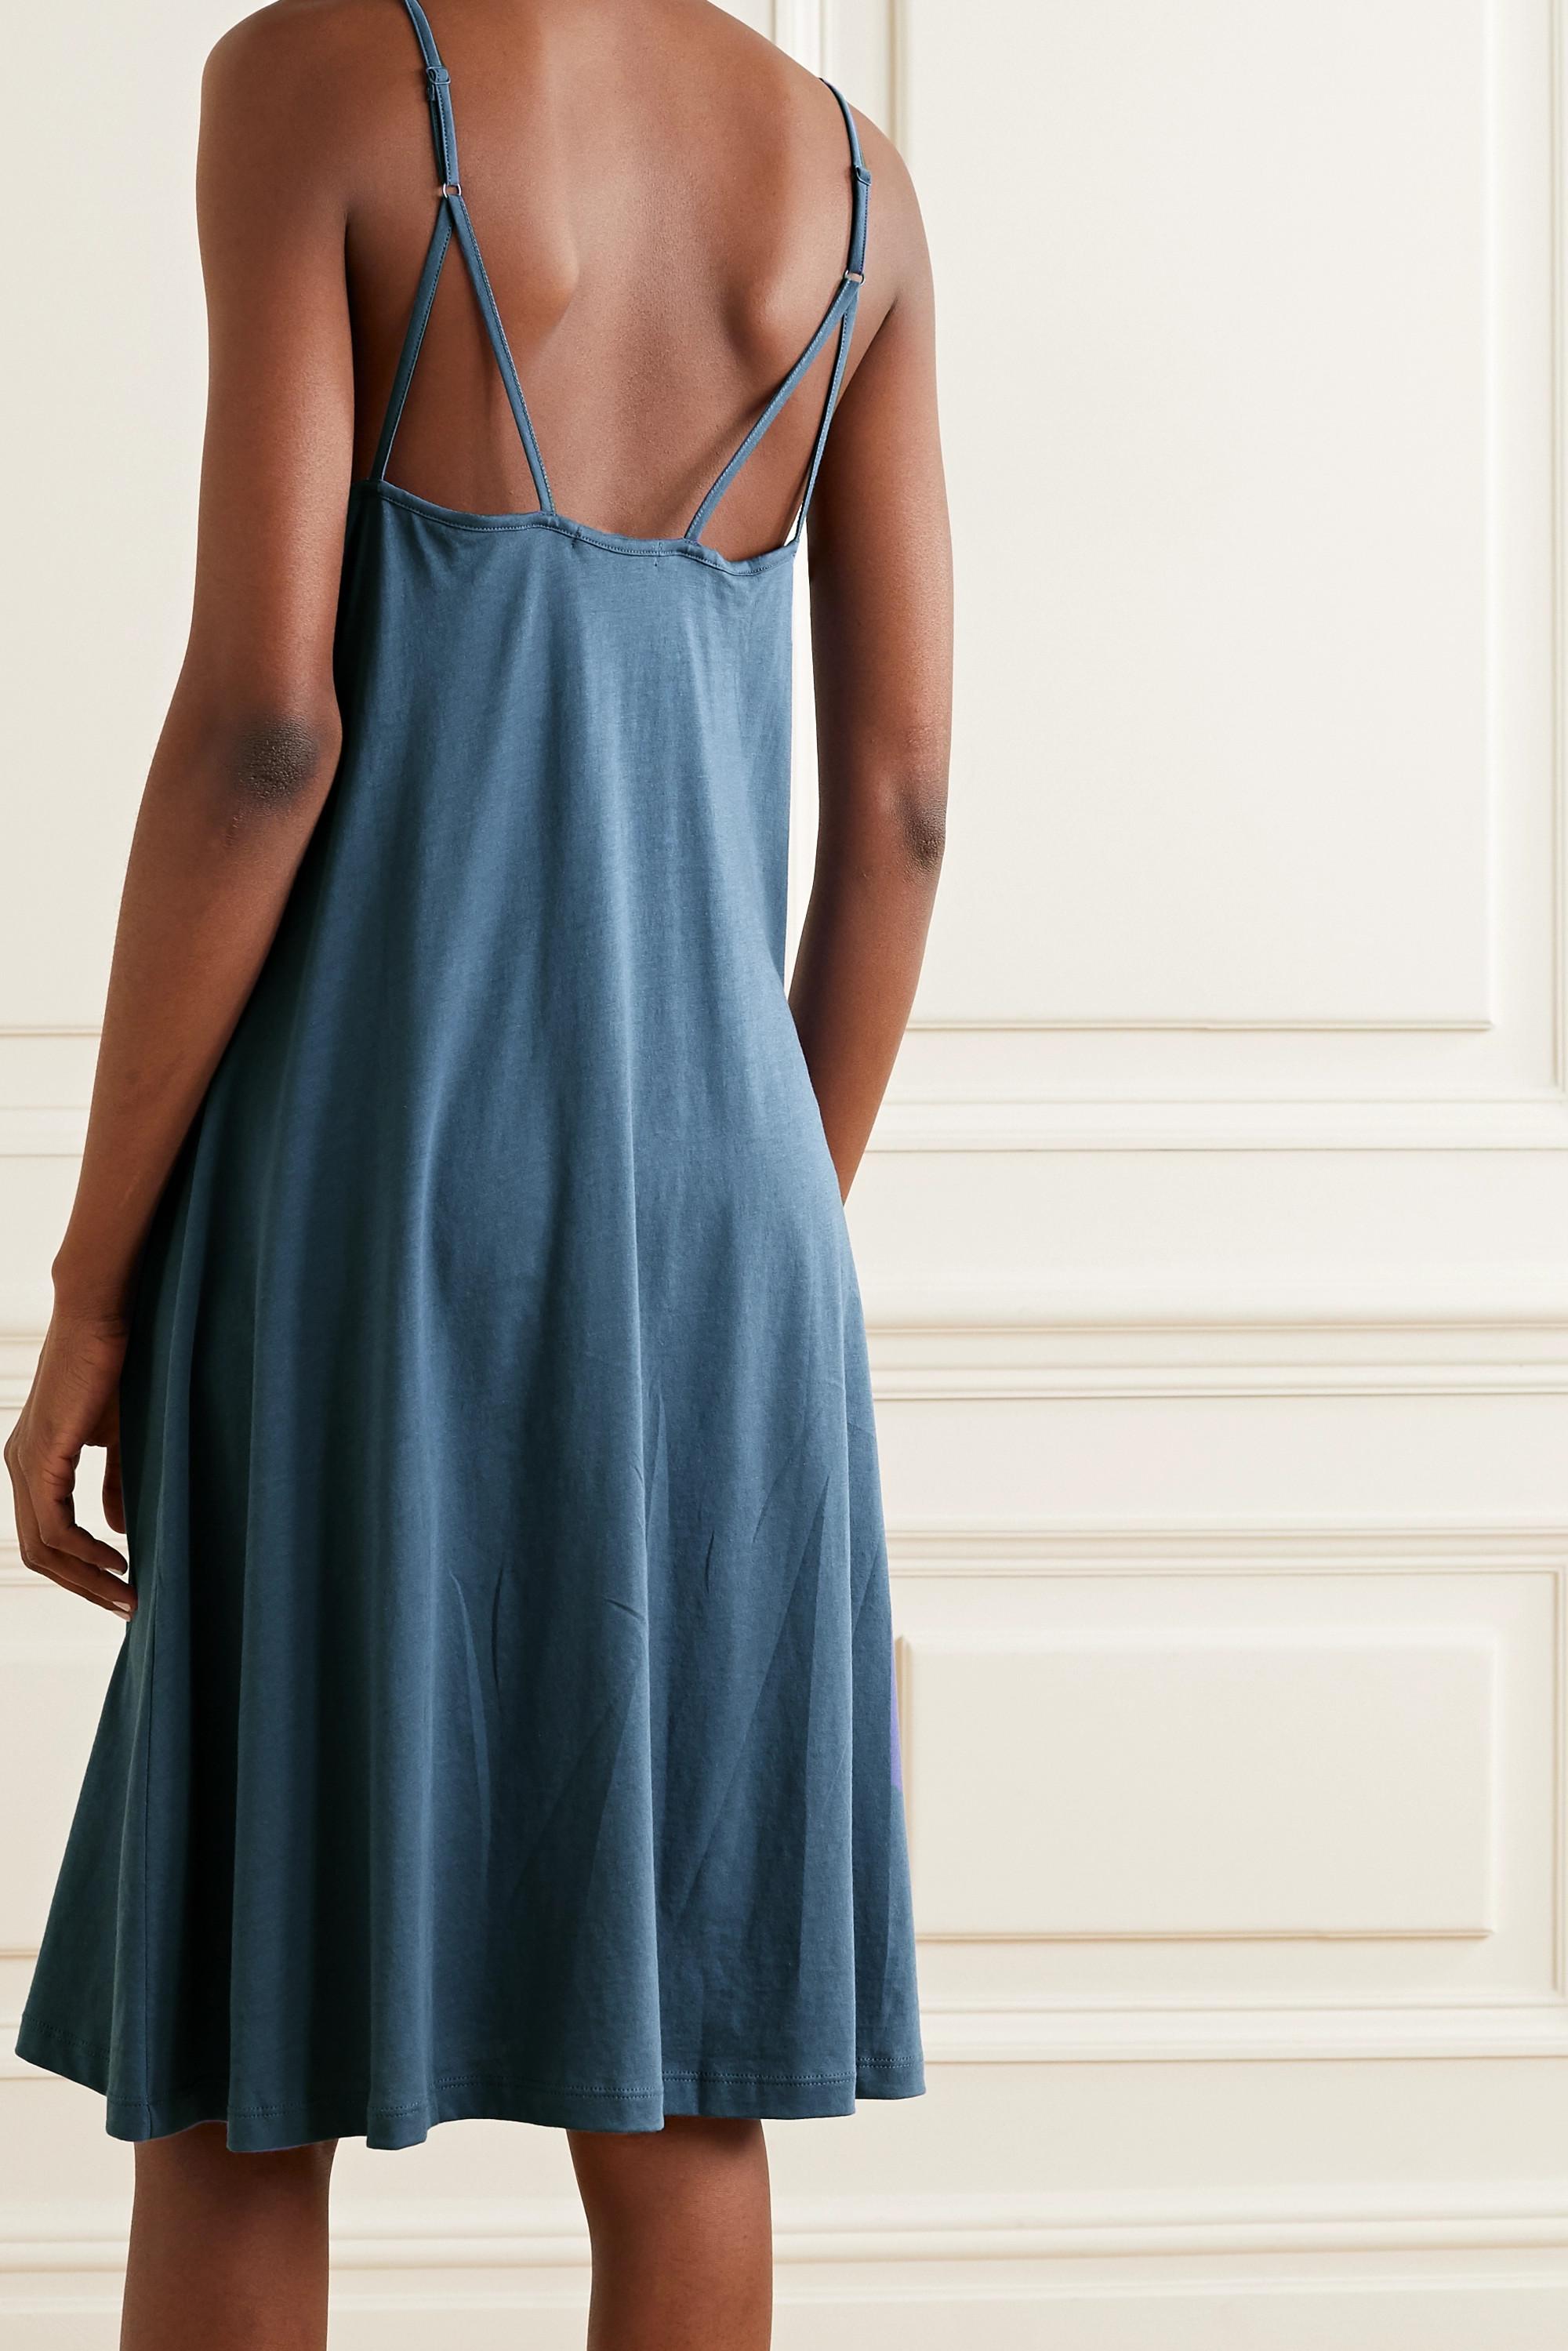 Skin Essentials Odelle Pima cotton-jersey nightdress